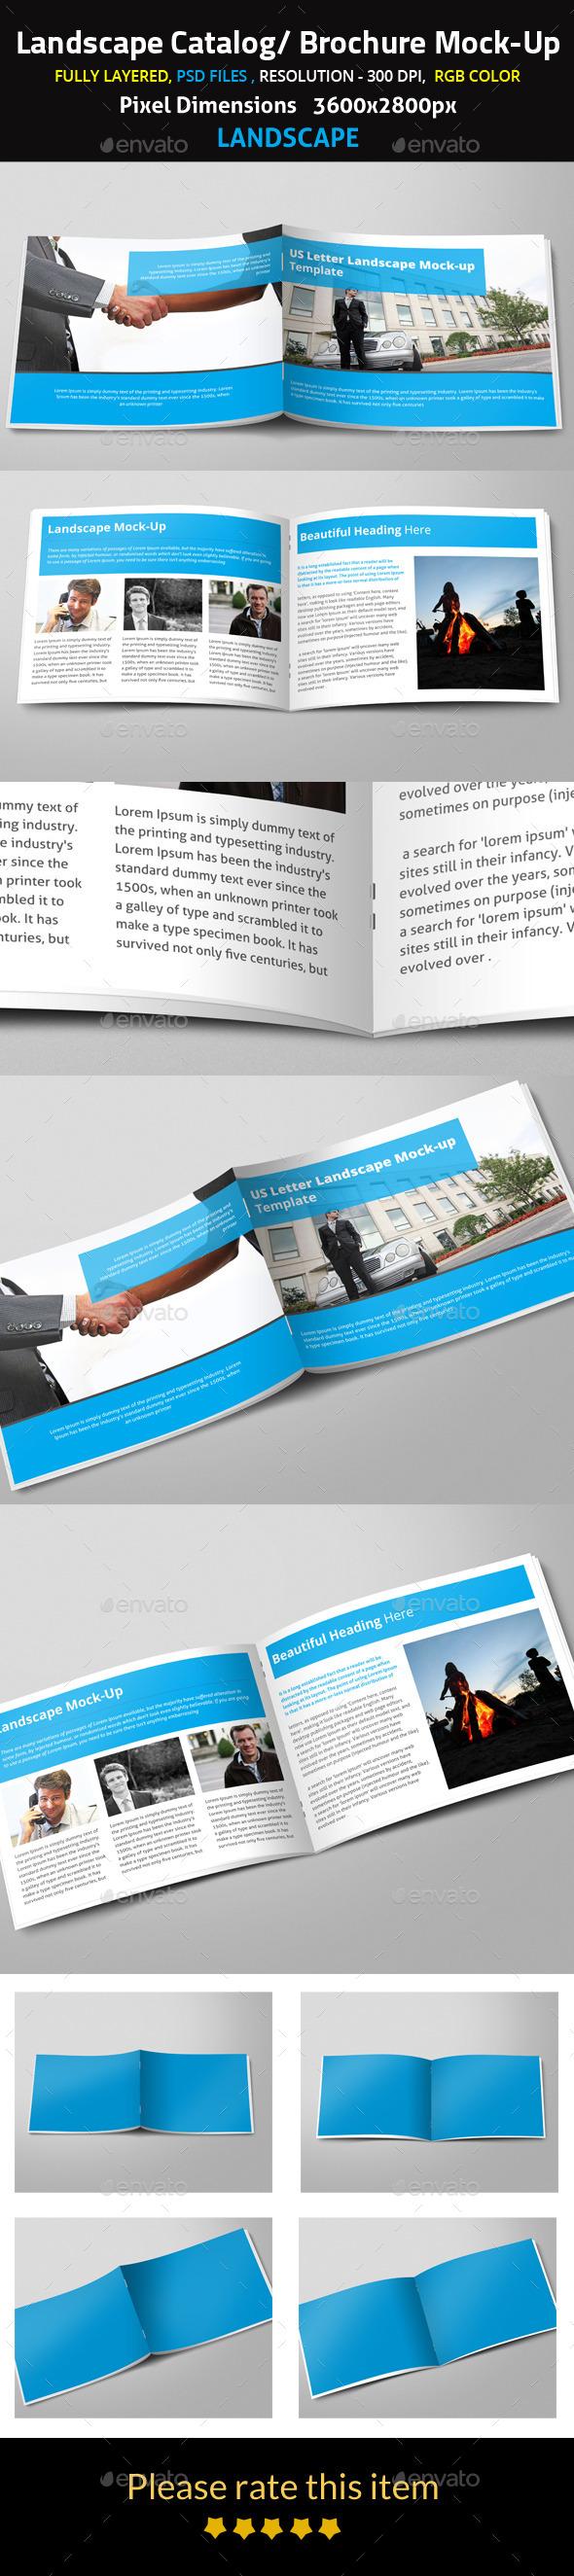 Landscape Catalog Brochure Mock-Up